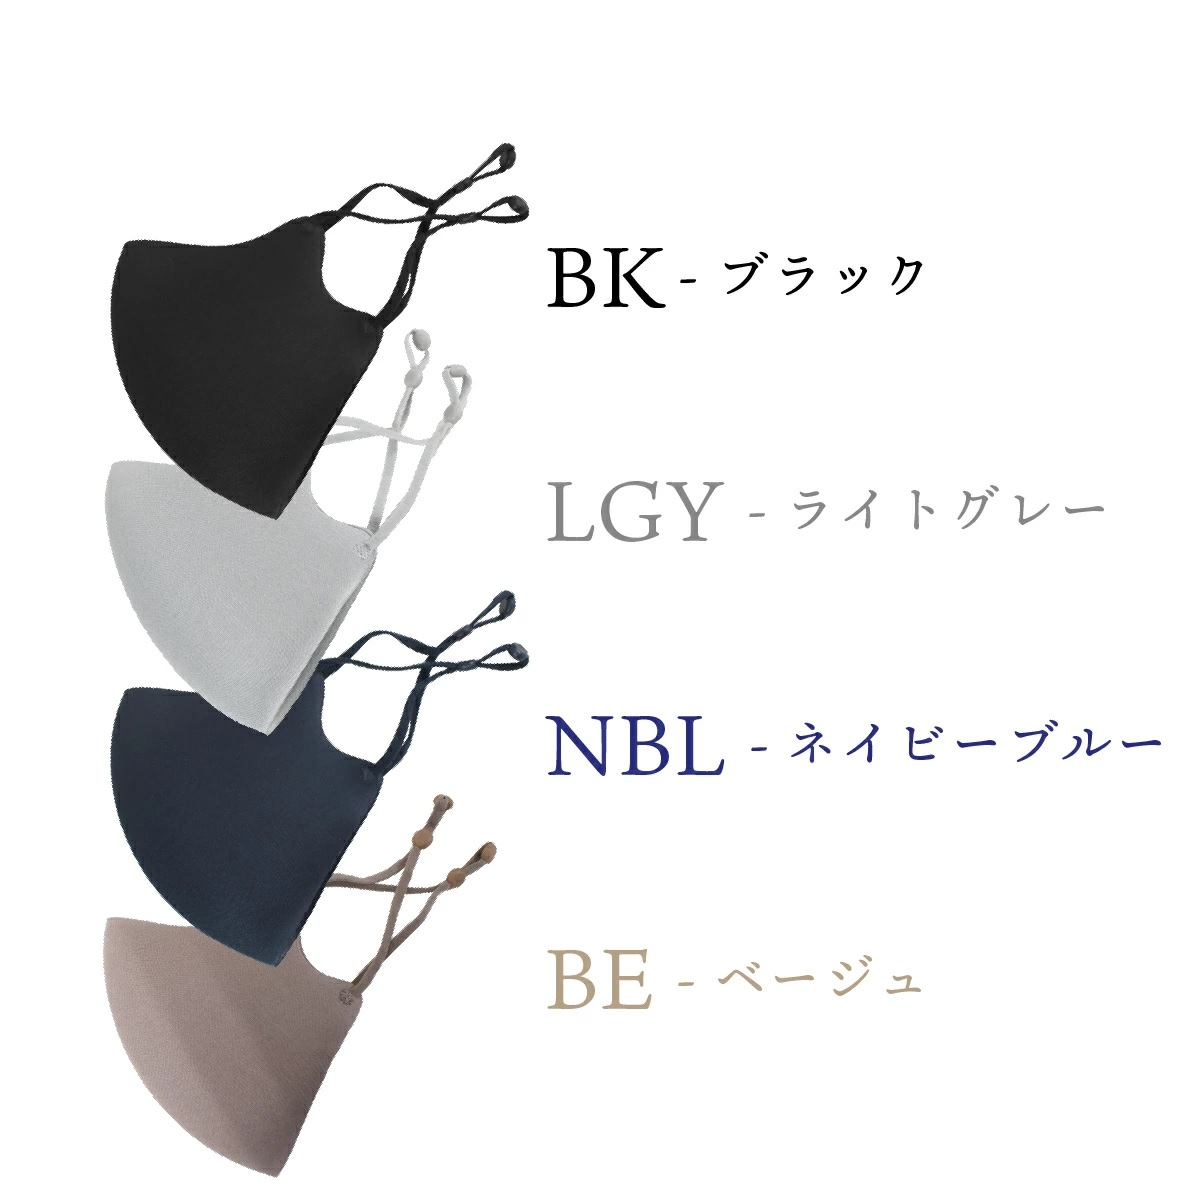 株式会社サンモト spheremask スフィアマスク(レギュラーサイズ/2枚入り)